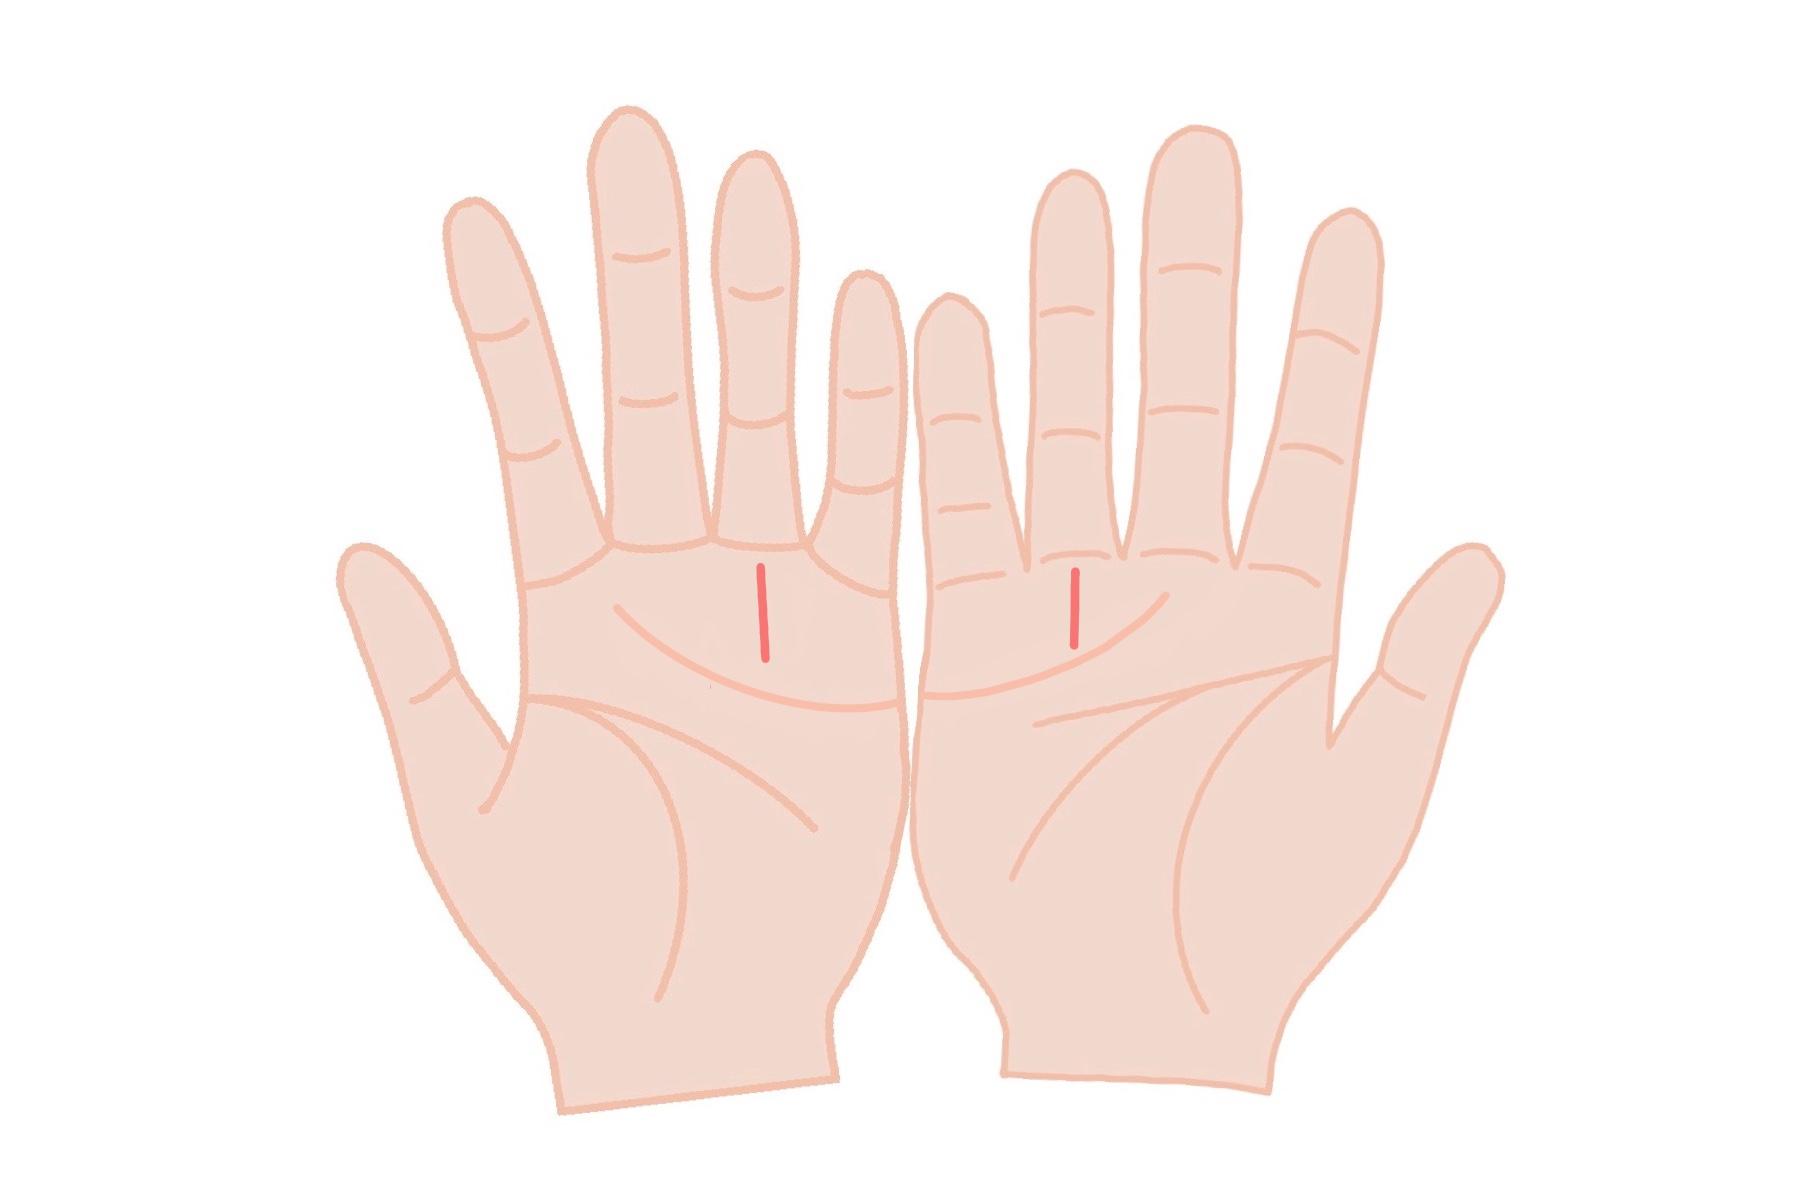 太陽線:両手